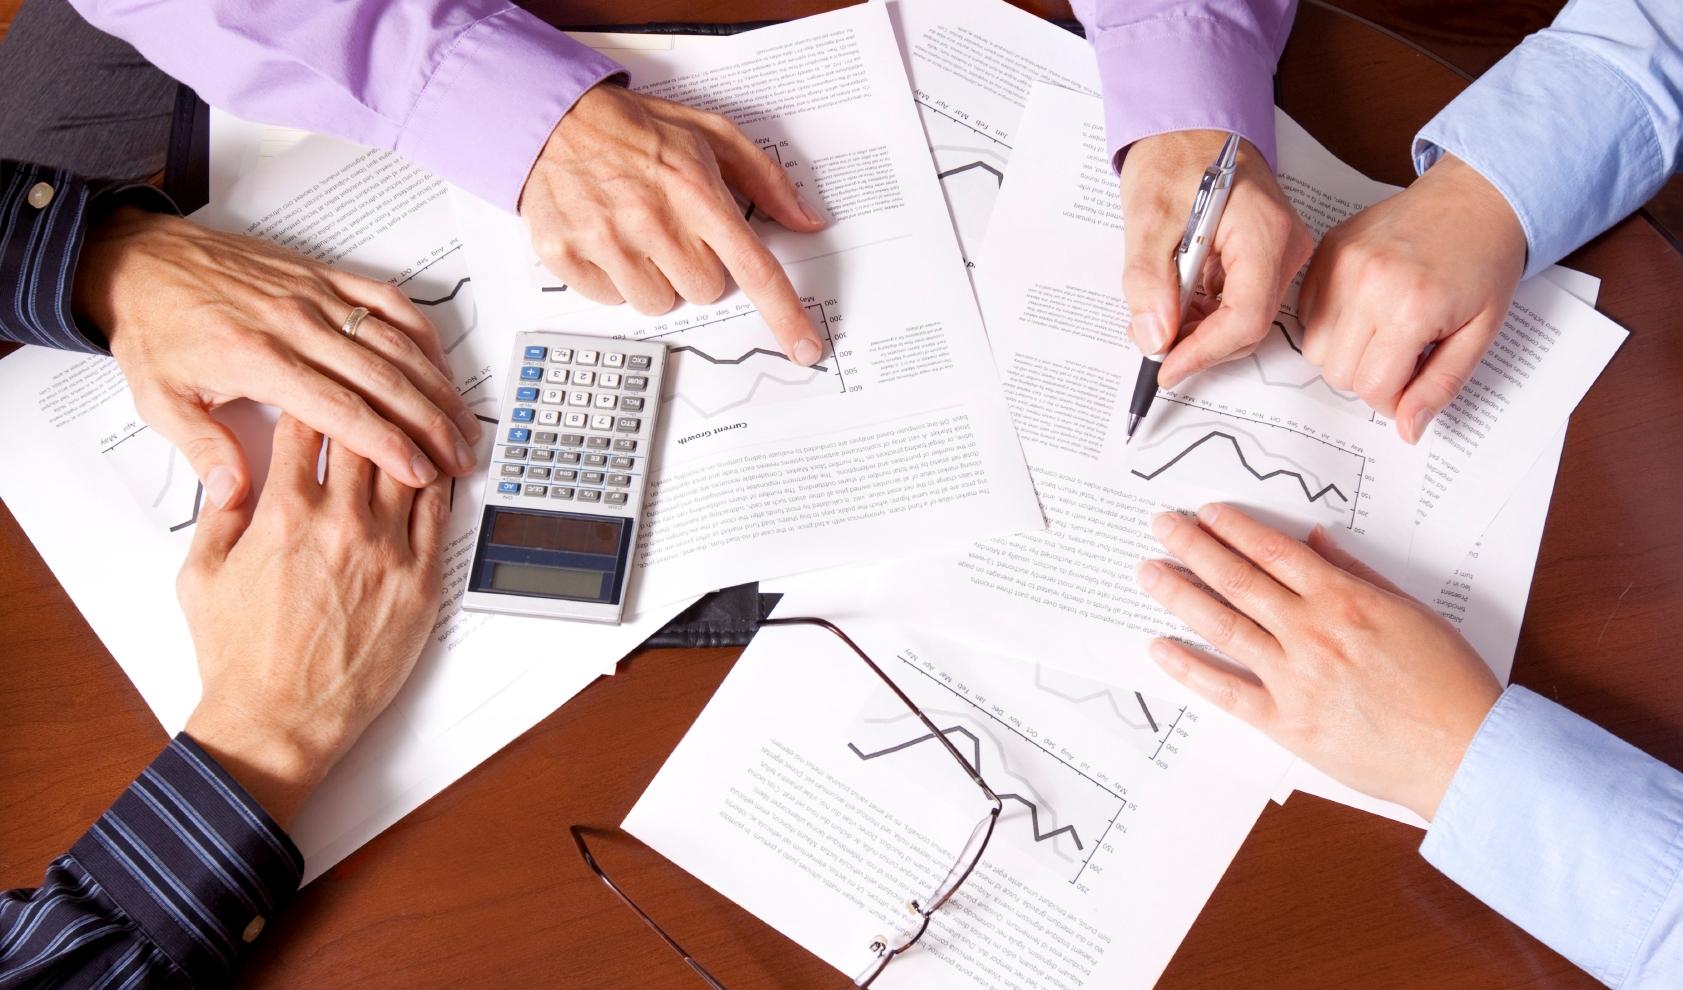 mentor keuangan